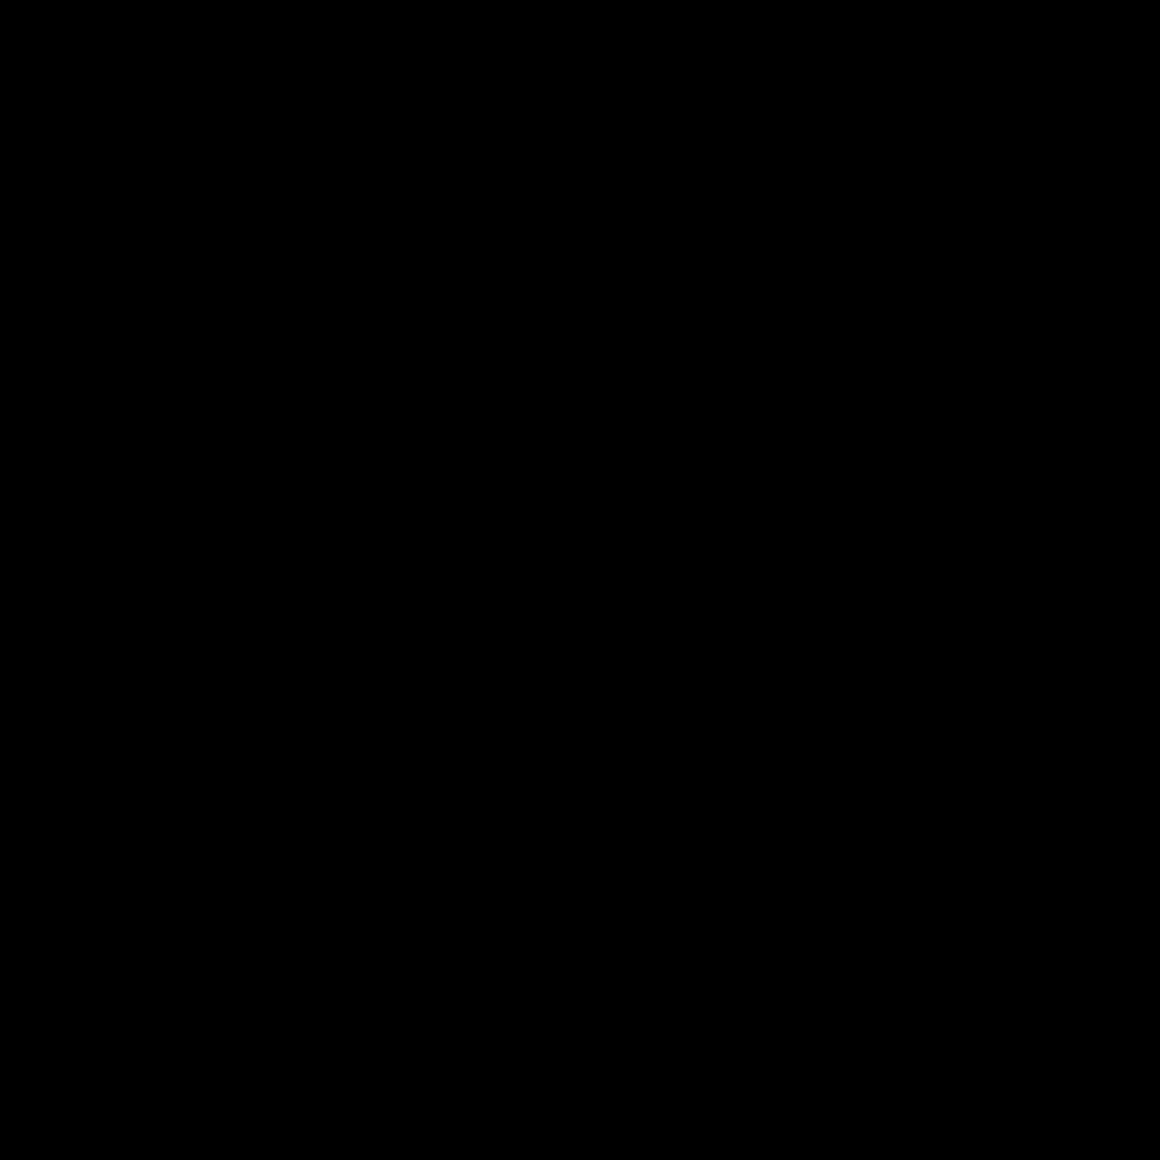 blk-profile